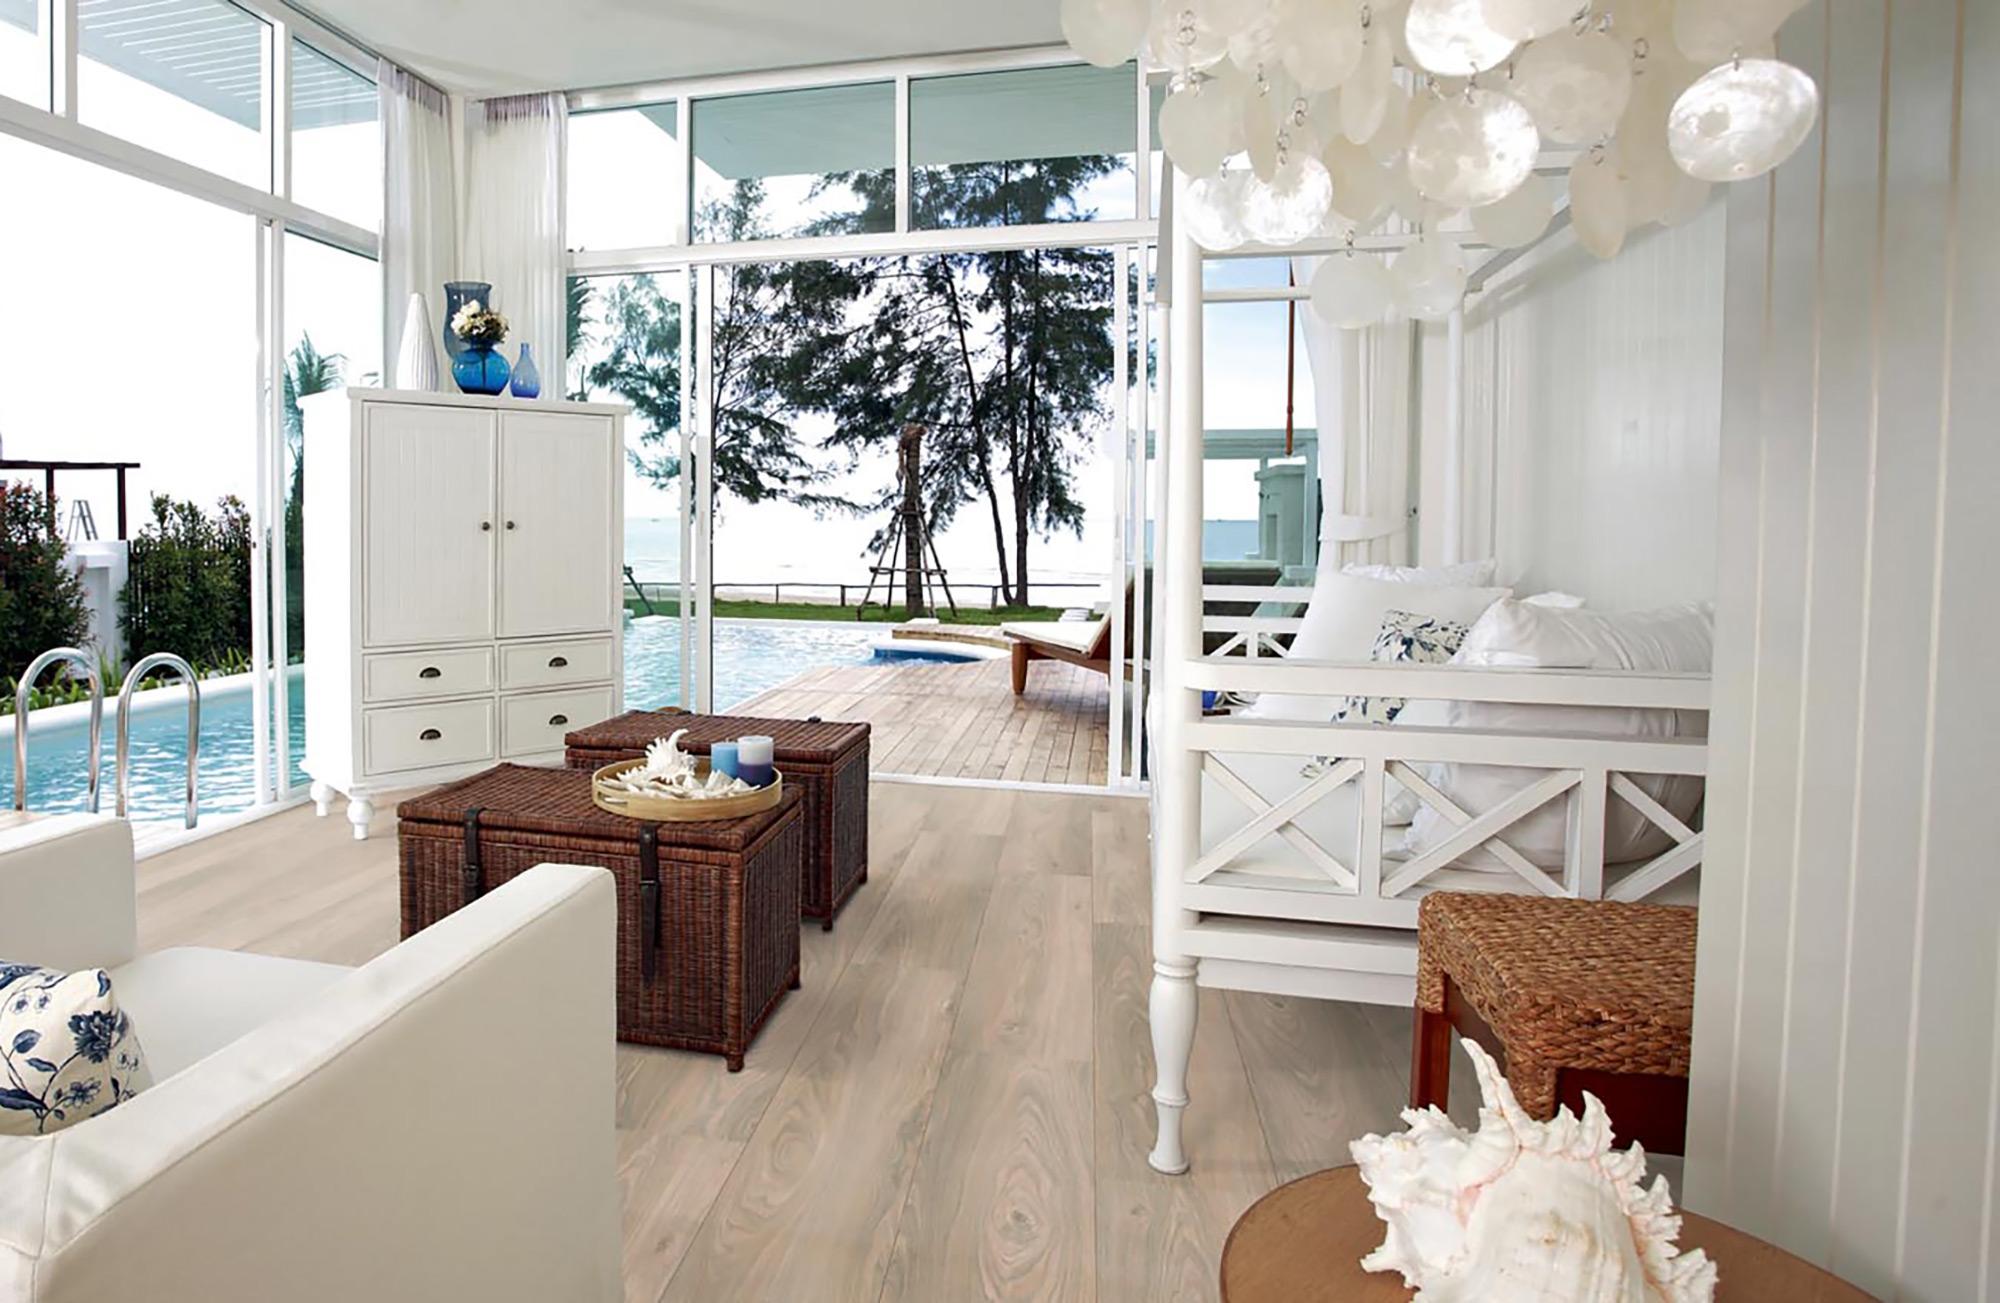 Idee per case piccole good ideal standard small arredi bagno